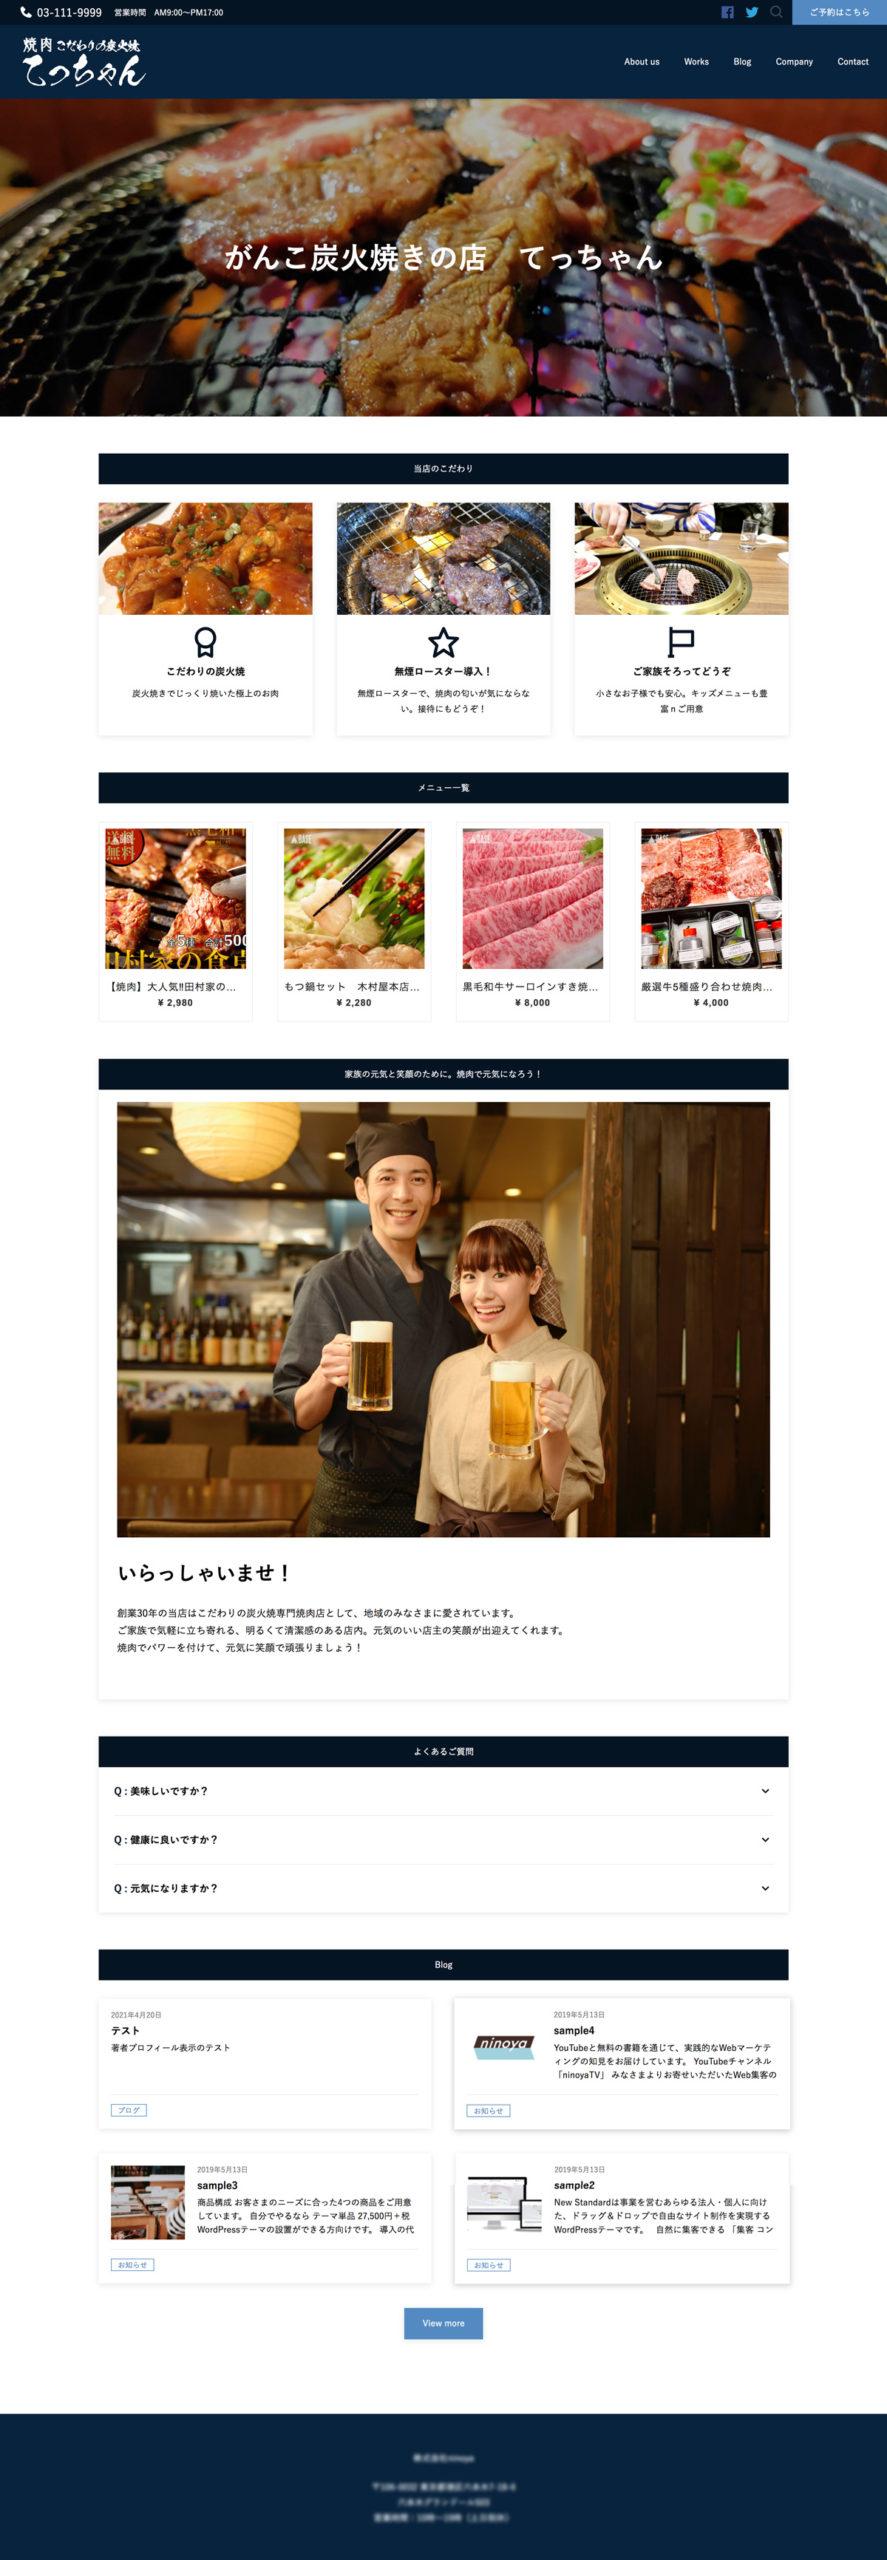 初めて作った焼肉店のホームページ